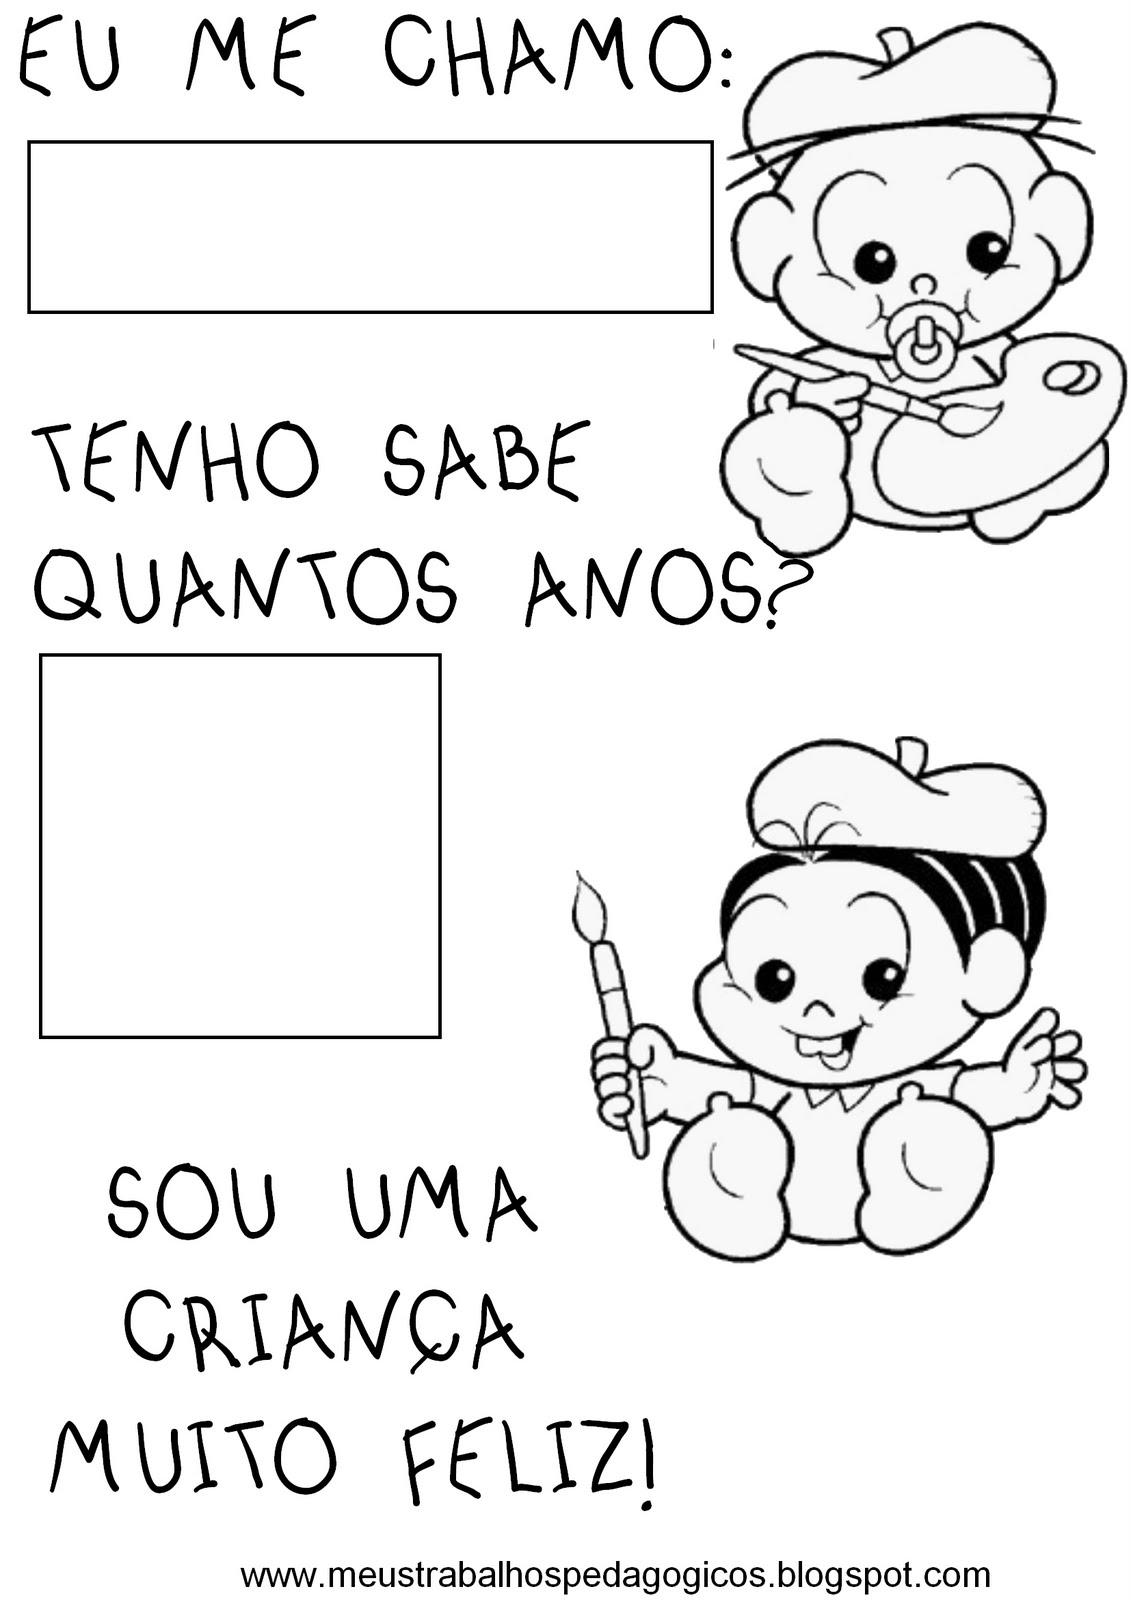 LIGA DO BEM   Educa    O Infantil